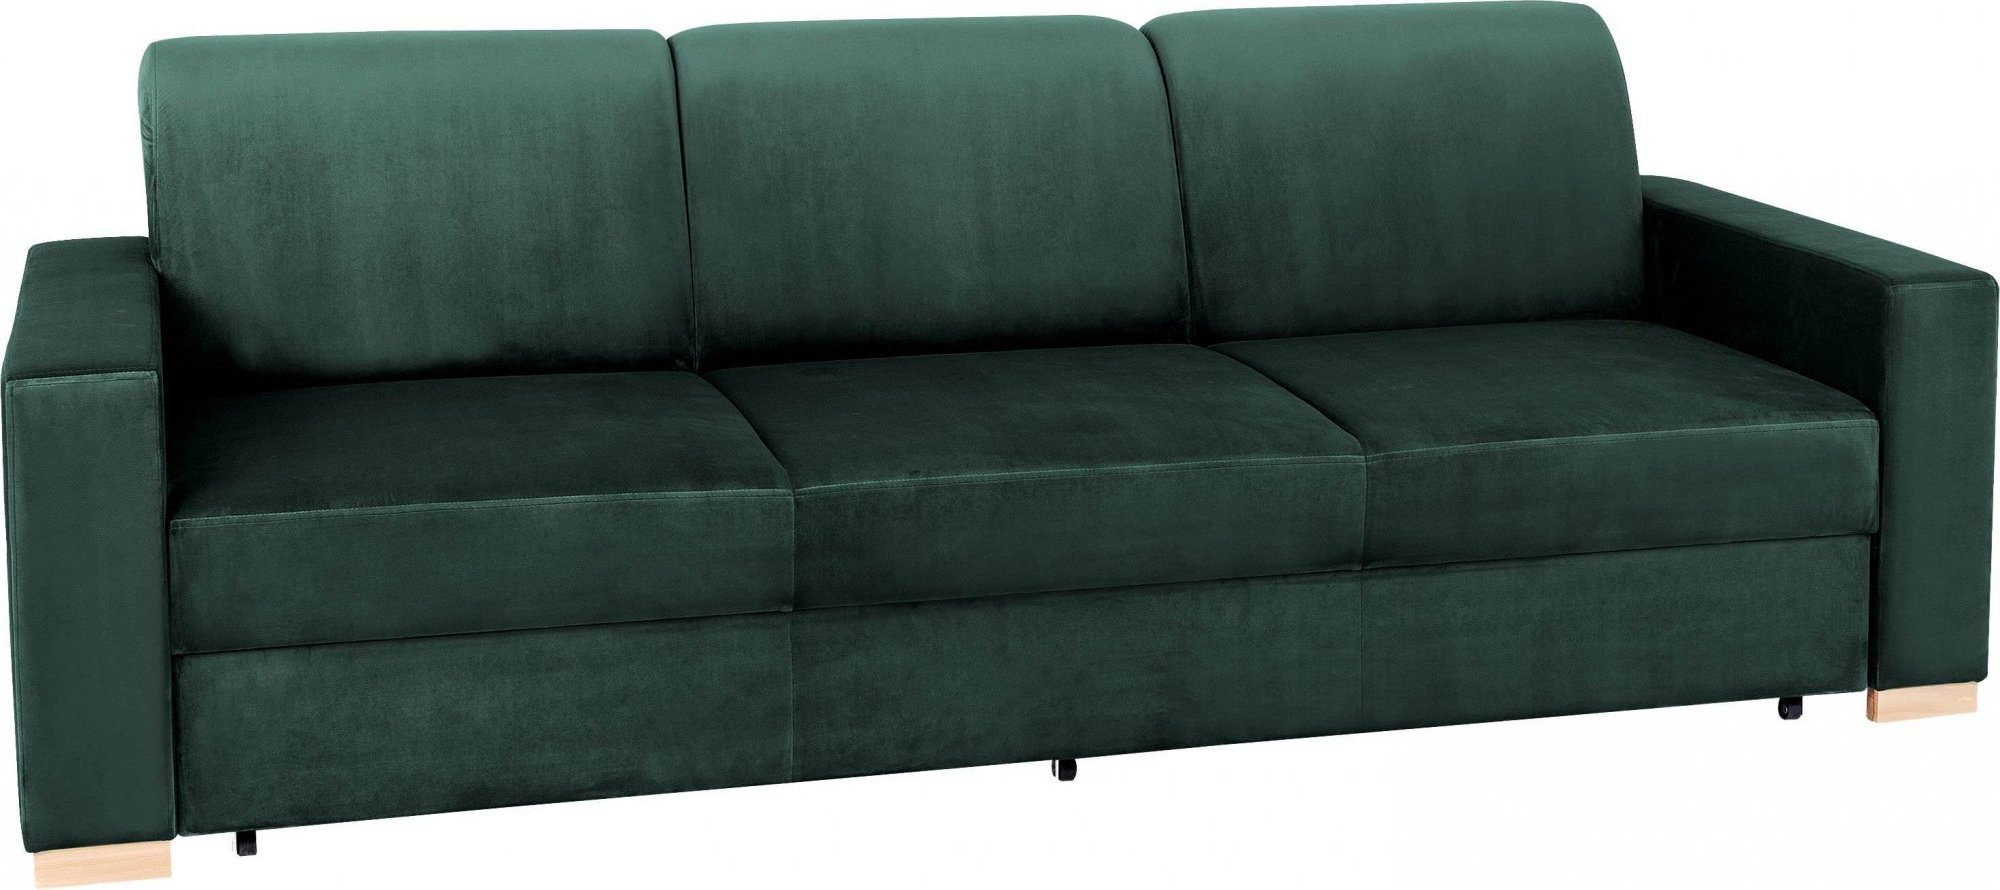 Canapé convertible 3 places tissu vert avocat h40cm